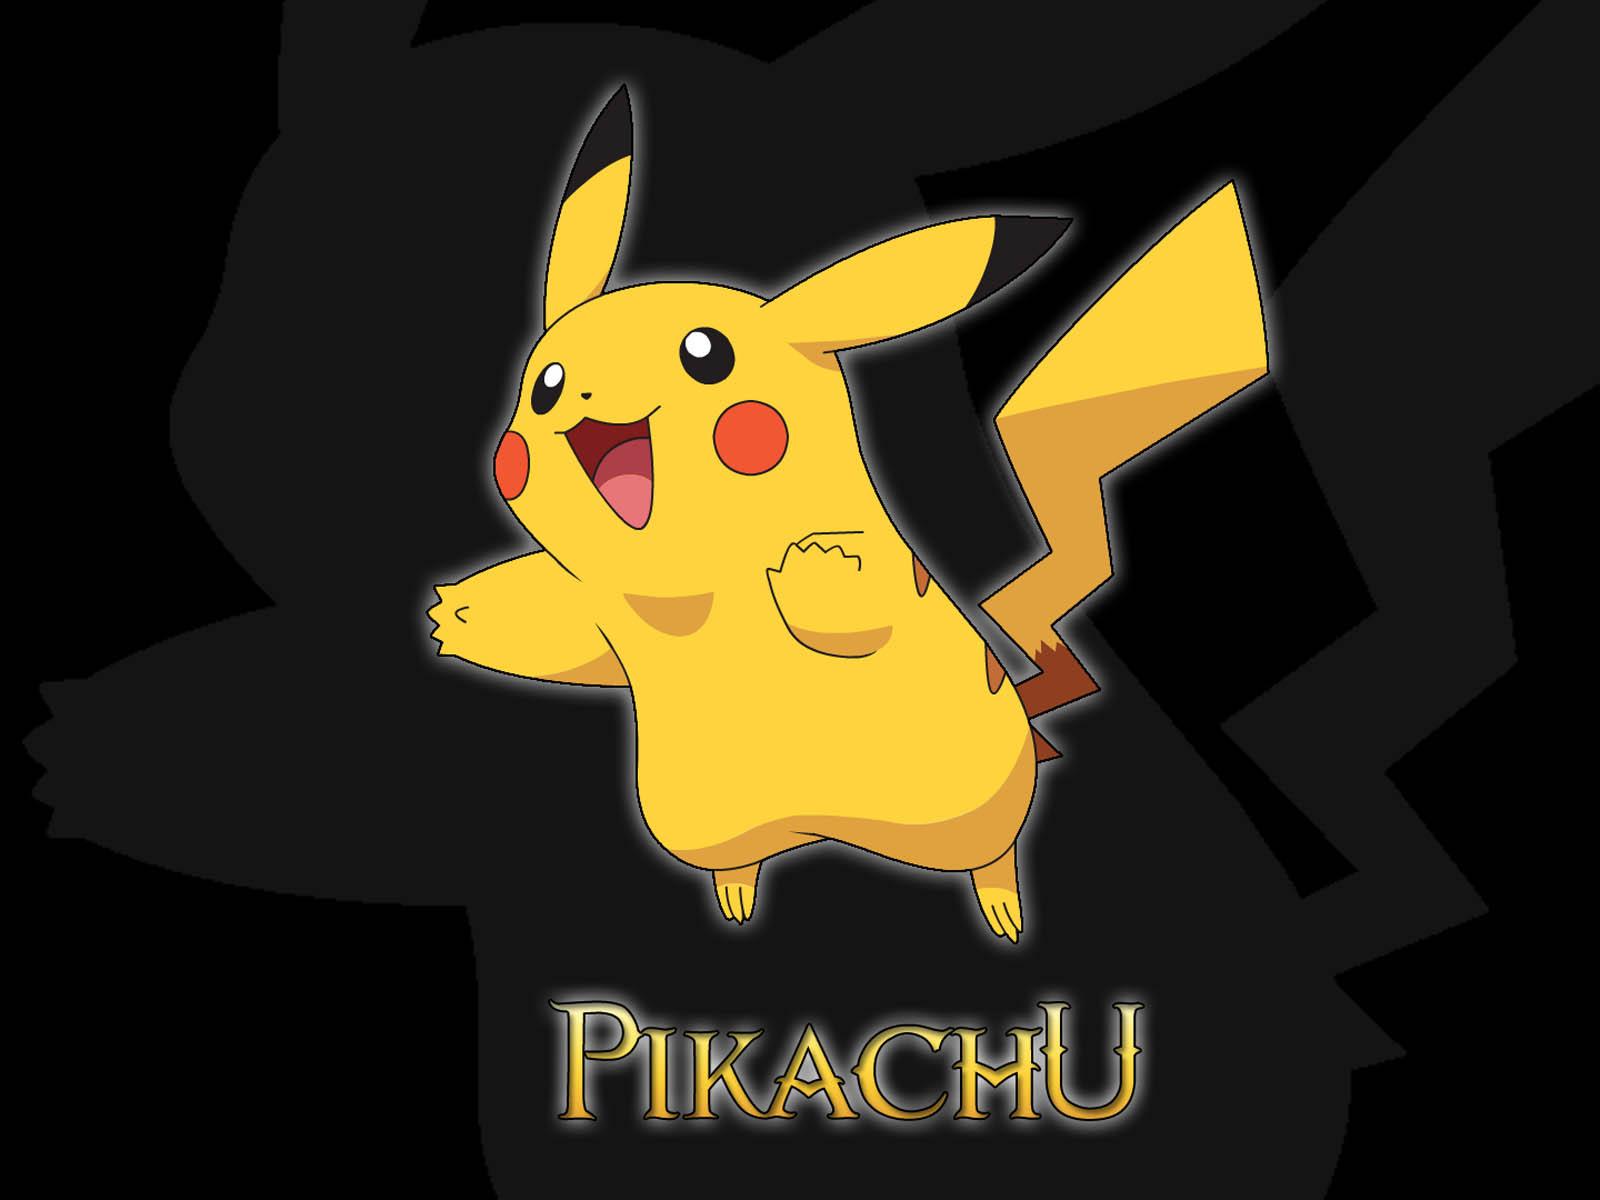 pikachu pokemon wallpaper - photo #1